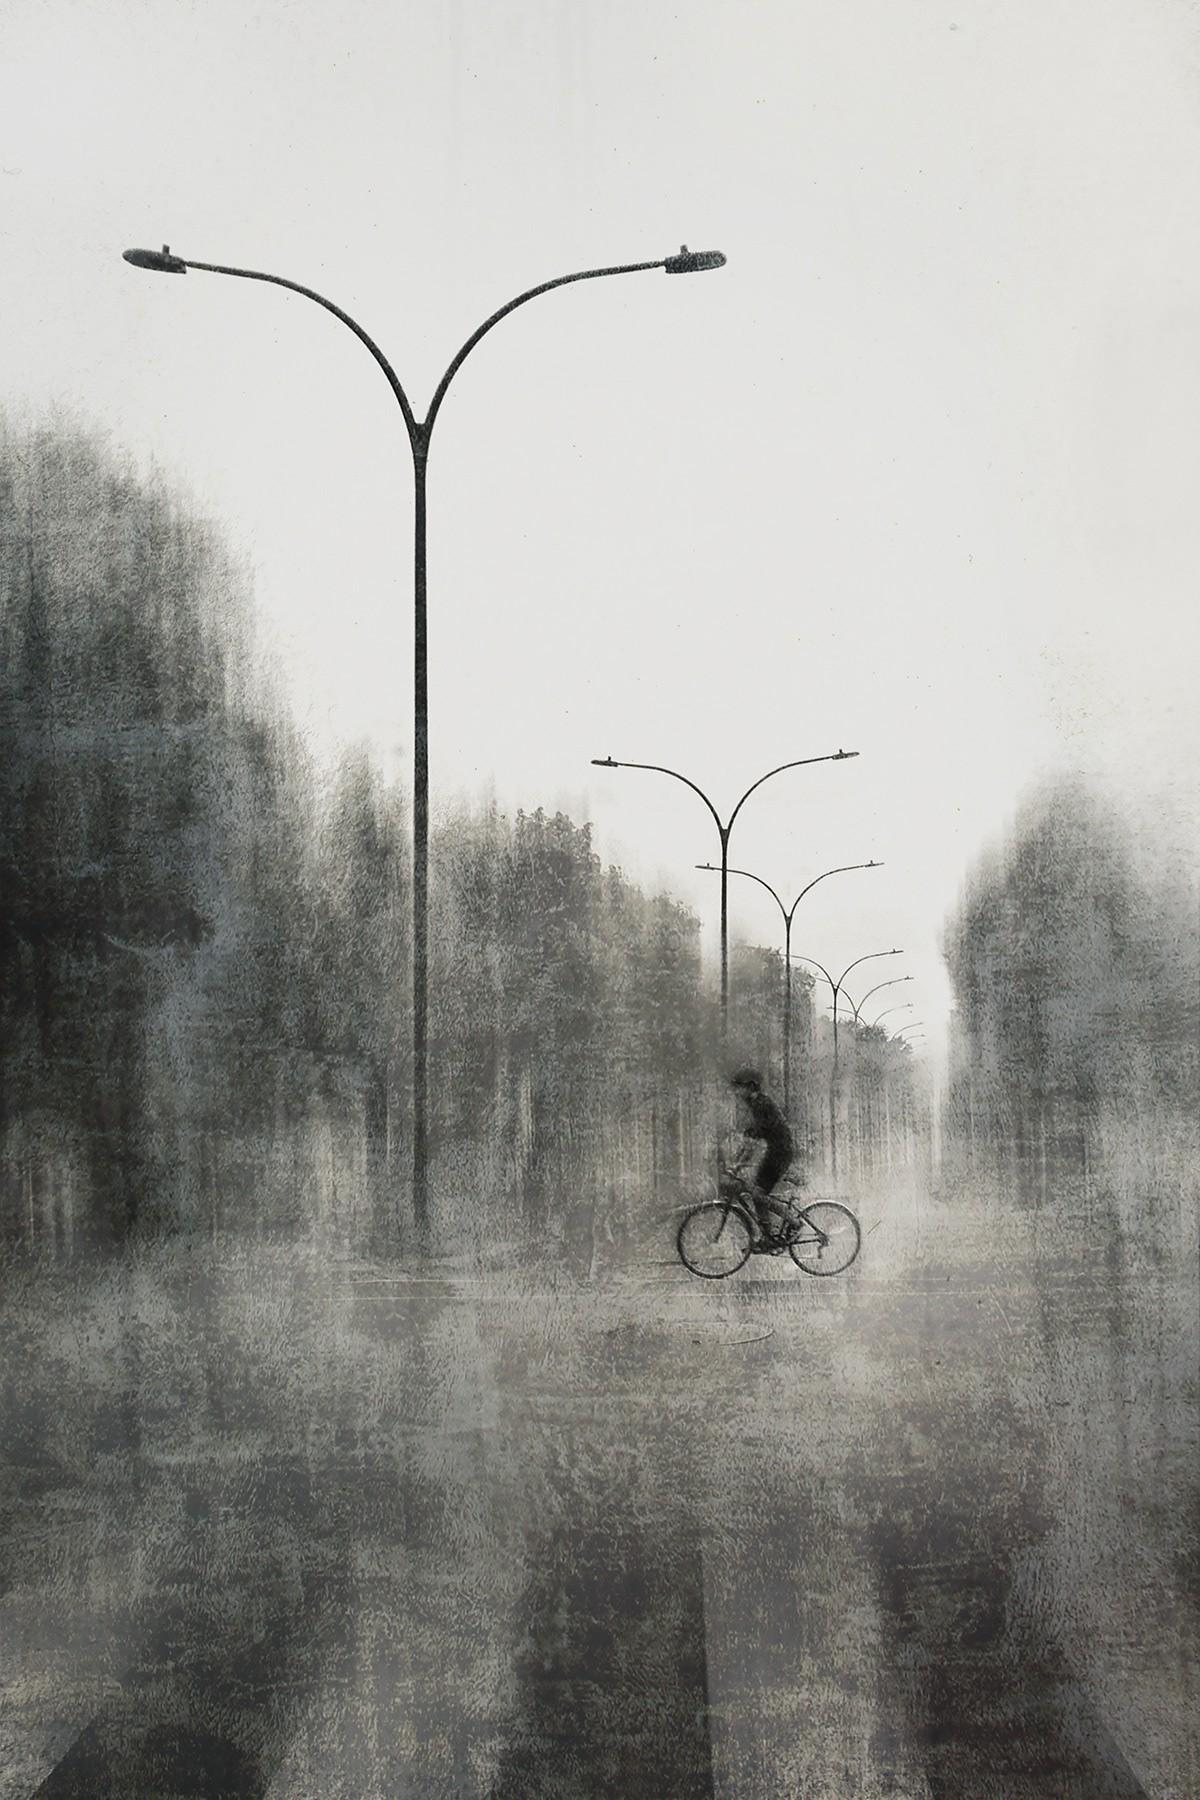 Уличные фонари. Автор Даниэль Кастонгуэй